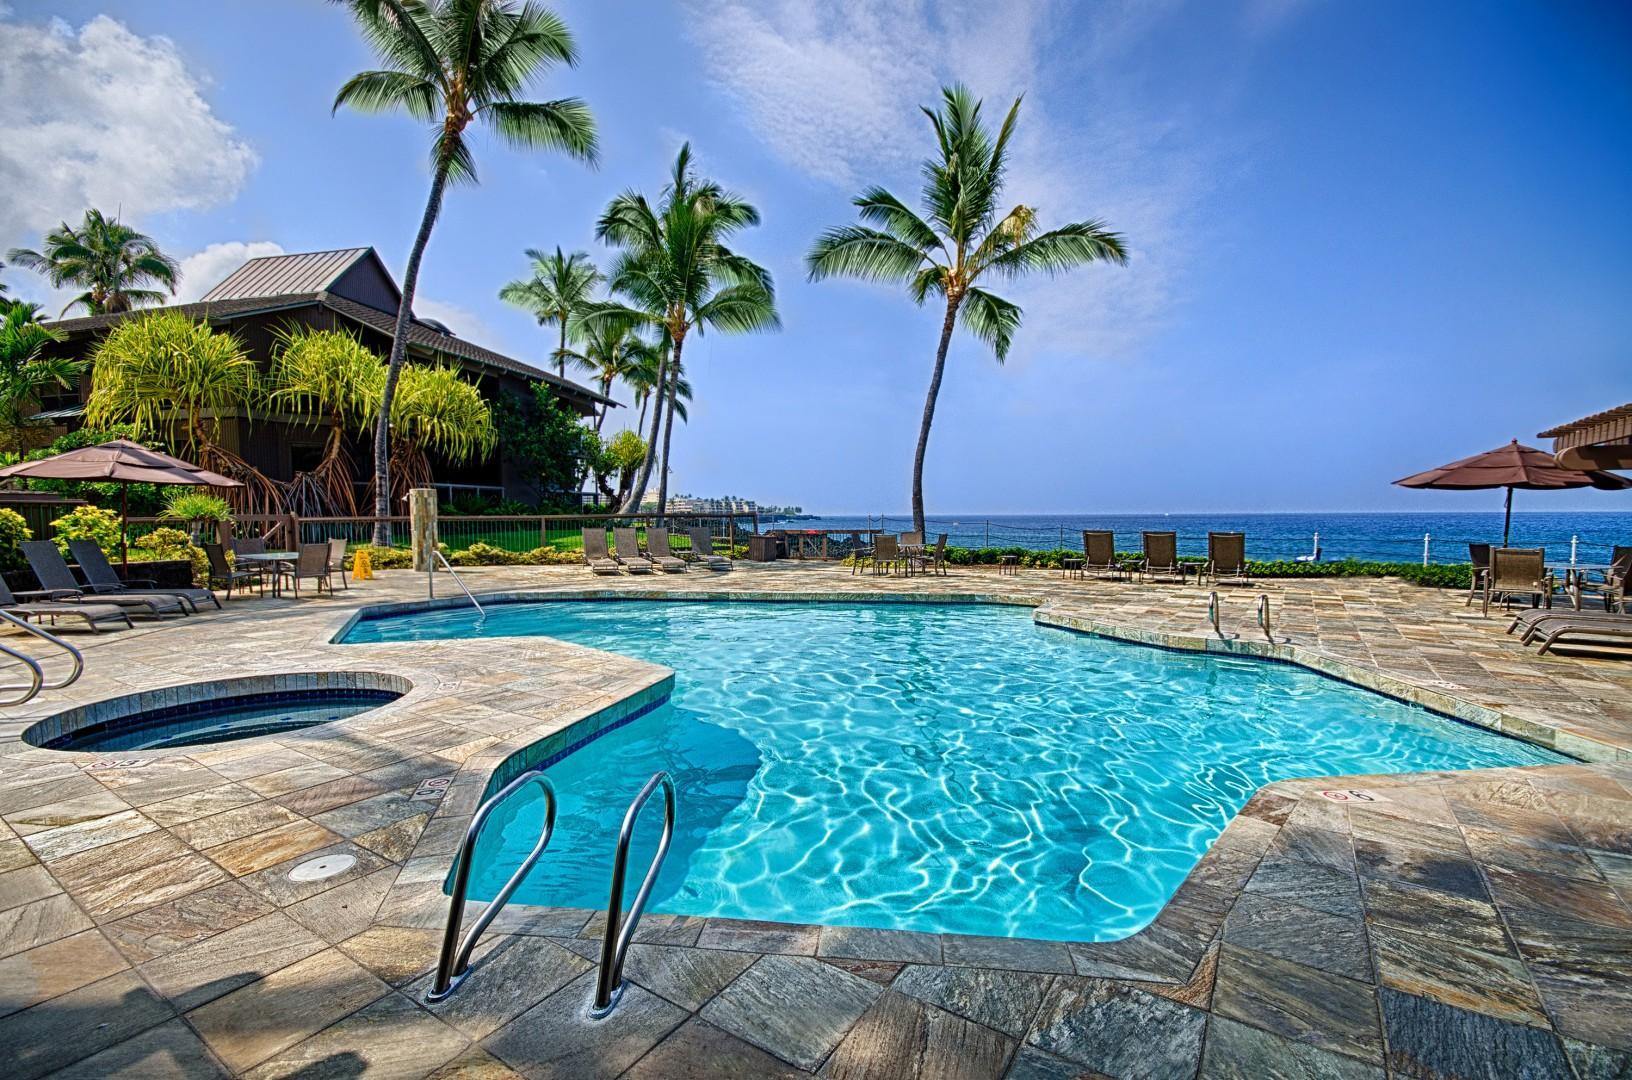 Pool and hot tub at Kanaloa!